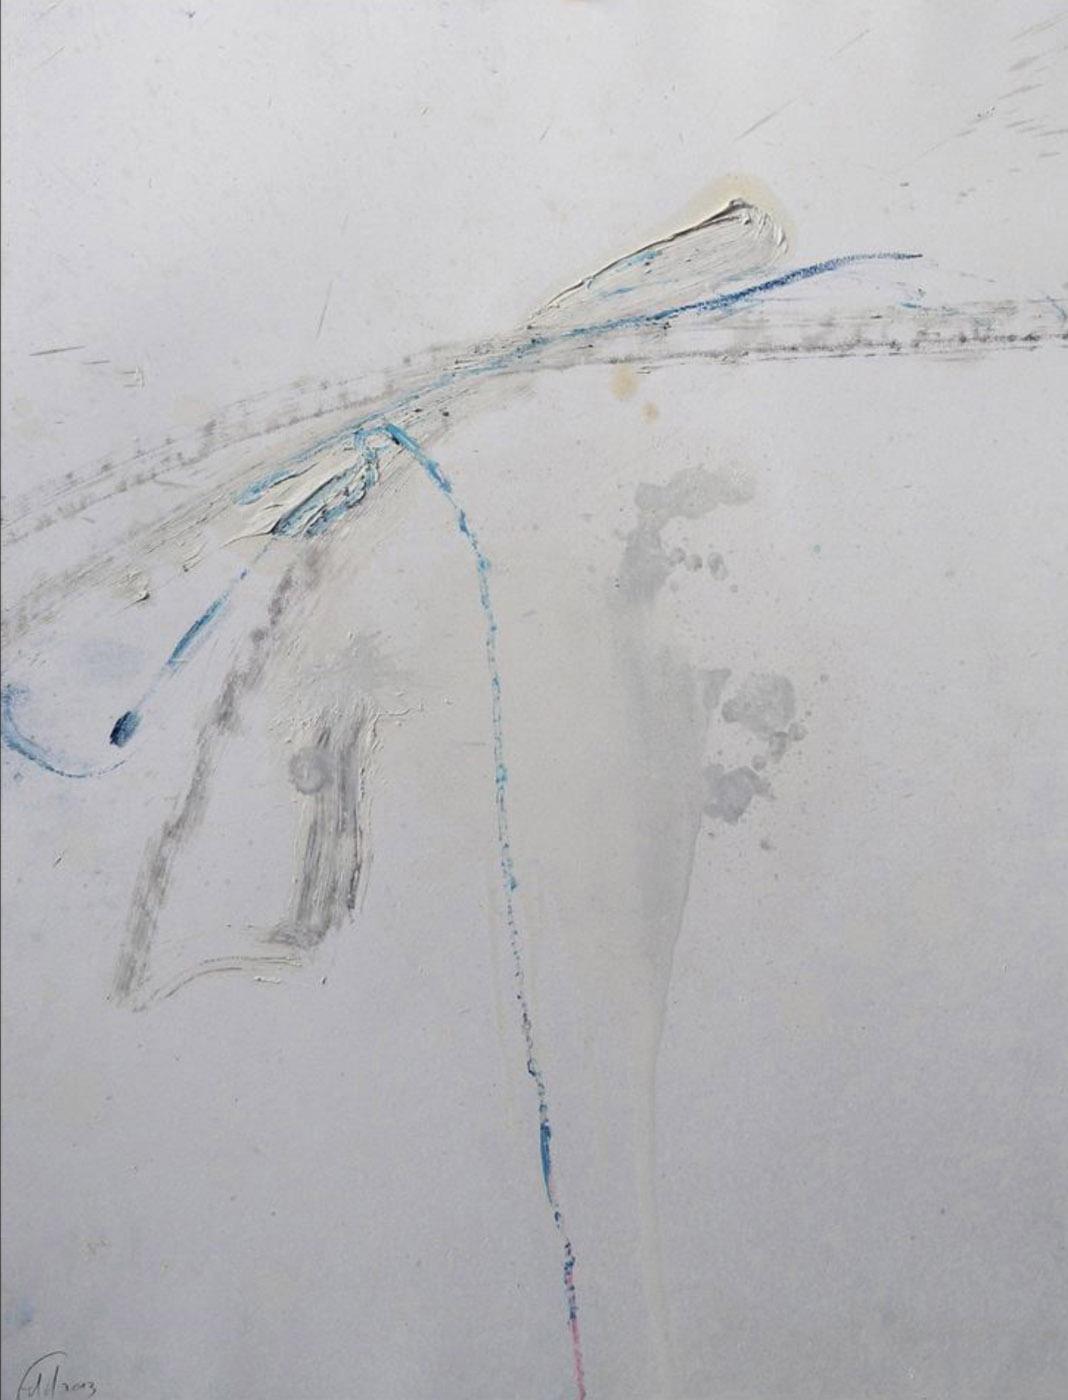 MARC FELD 2013 RESSOURCE huile et pigment sur papier 50 x 65 cm